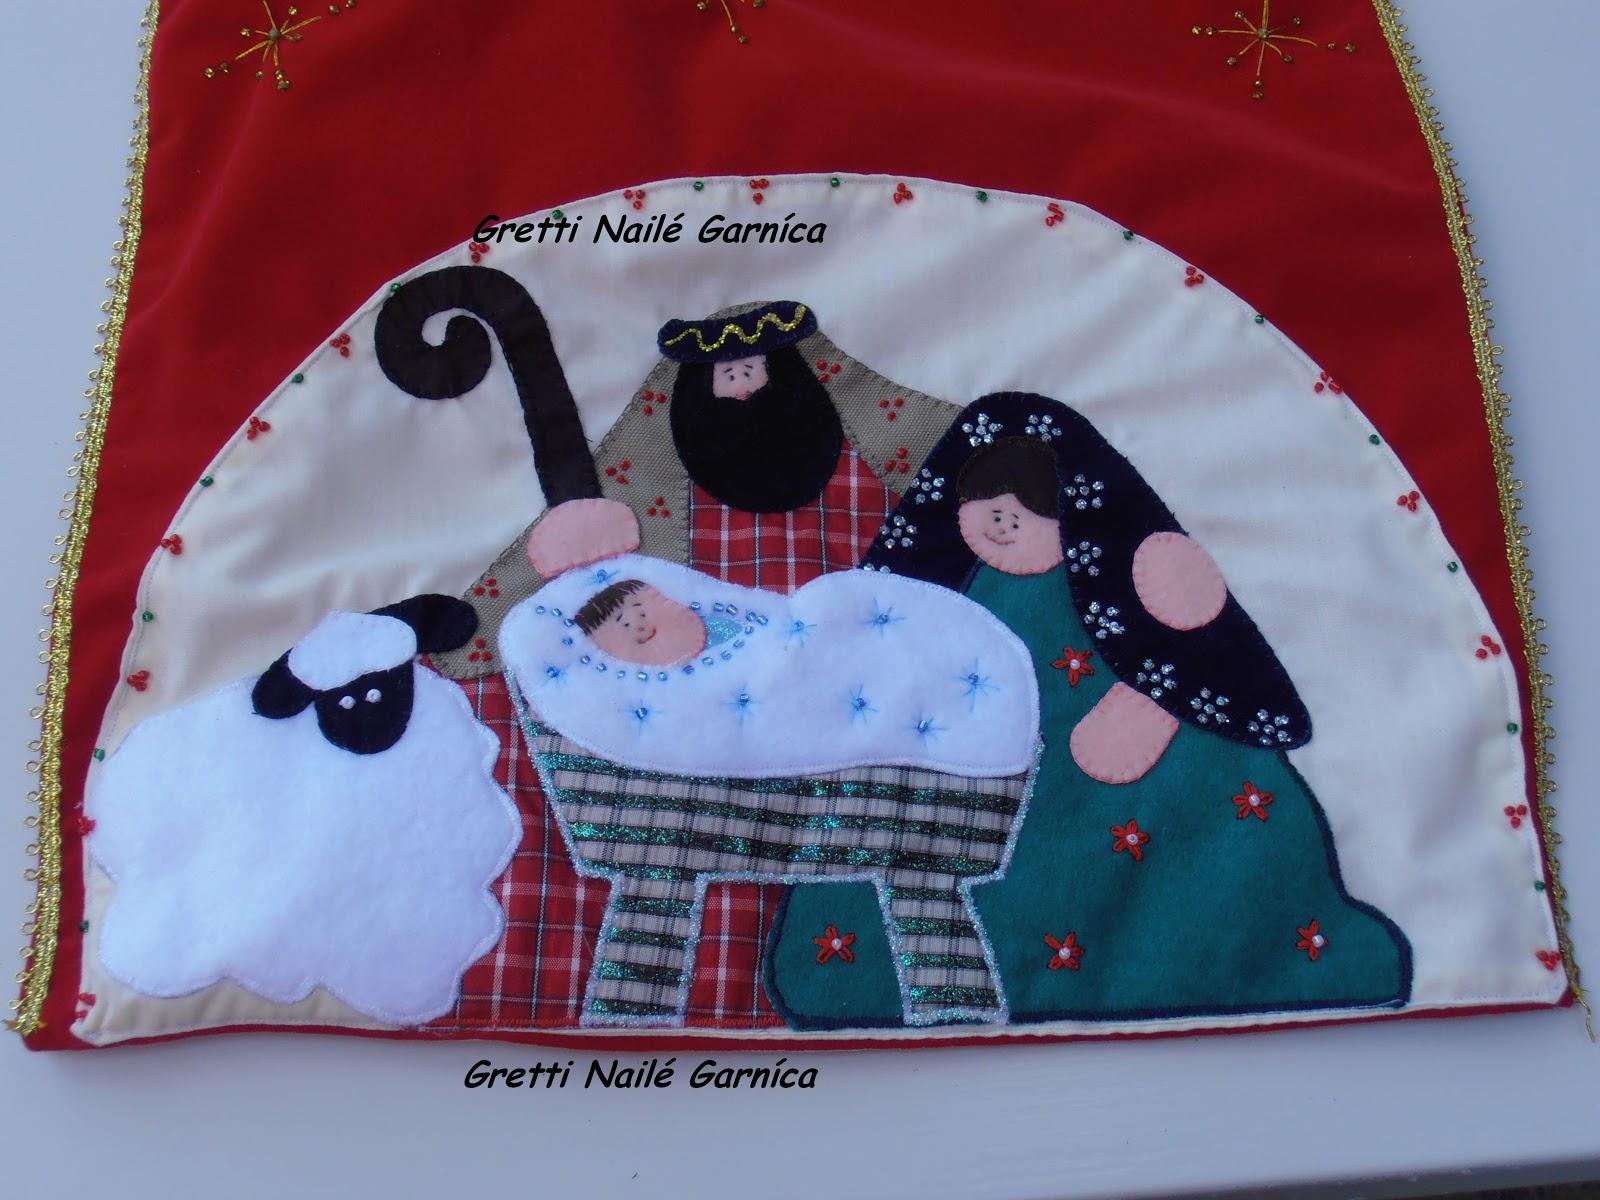 Manualidades y creaciones de gretti navidad en tela - Manualidades de navidad en tela ...